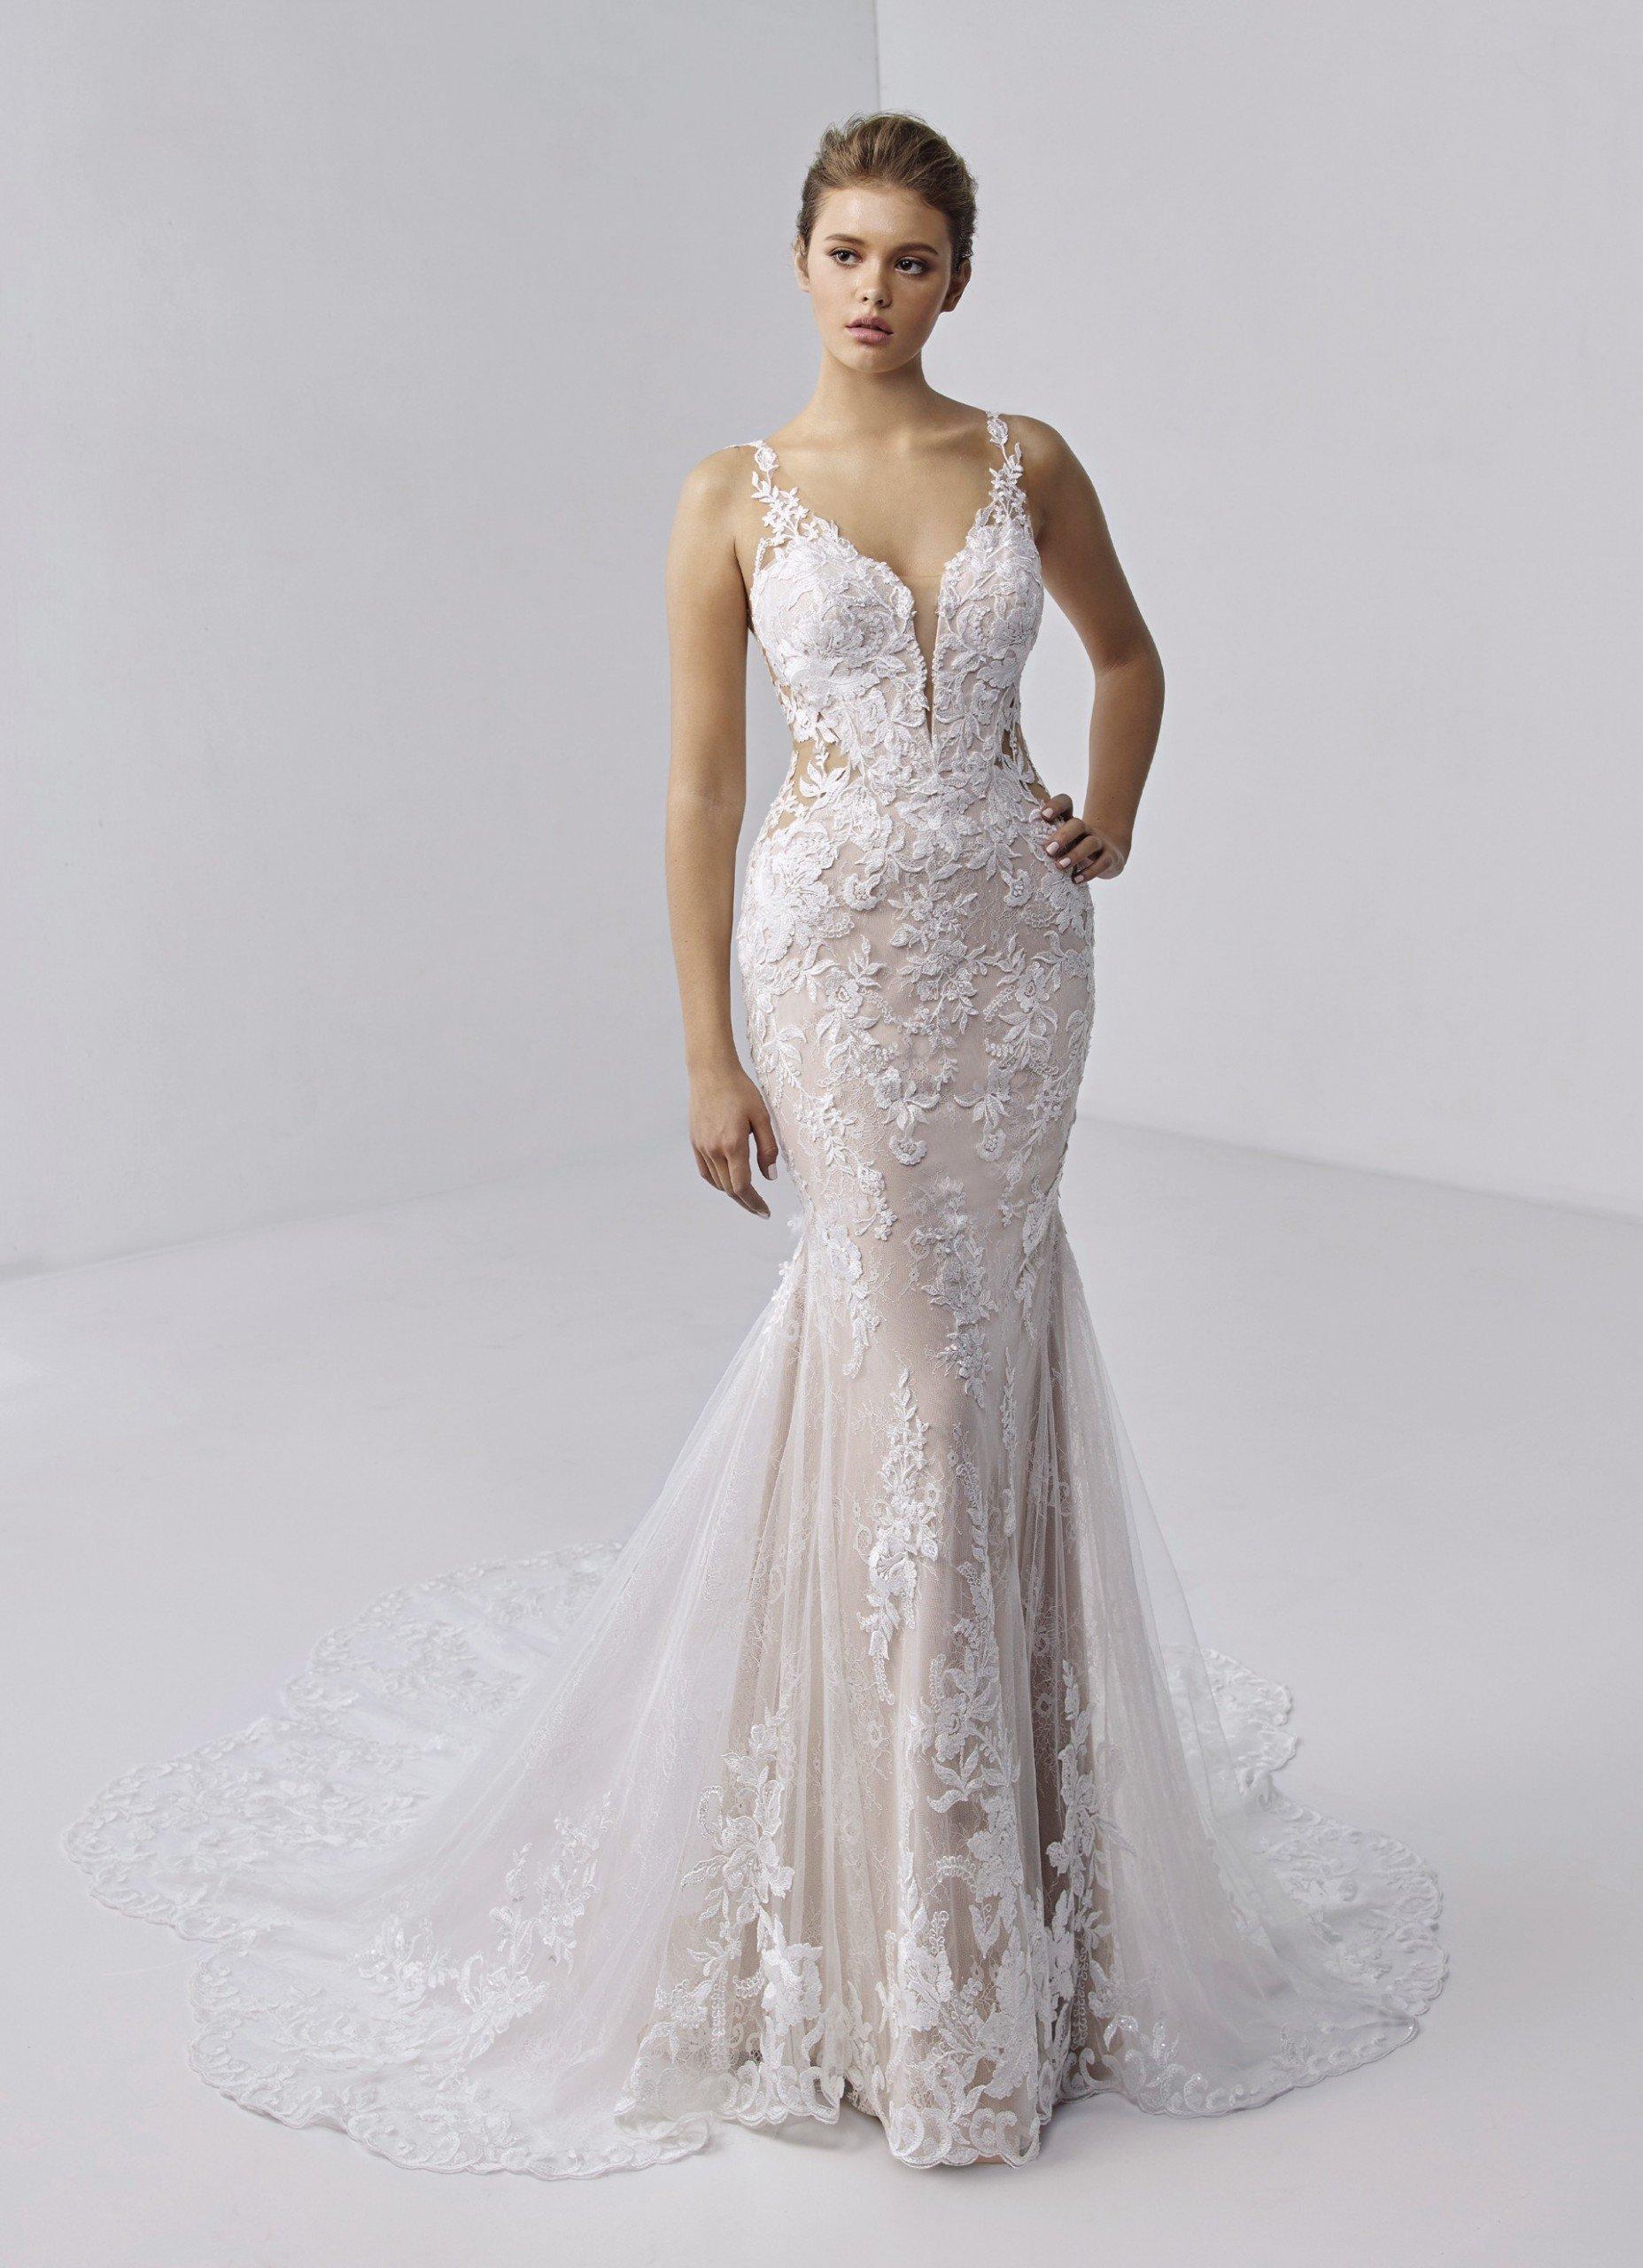 Rückenfreies Fit-and-Flare-Hochzeitskleid in Rosa mit Plunge-Ausschnitt und Schleppe von Etoile, Modell Adrianna